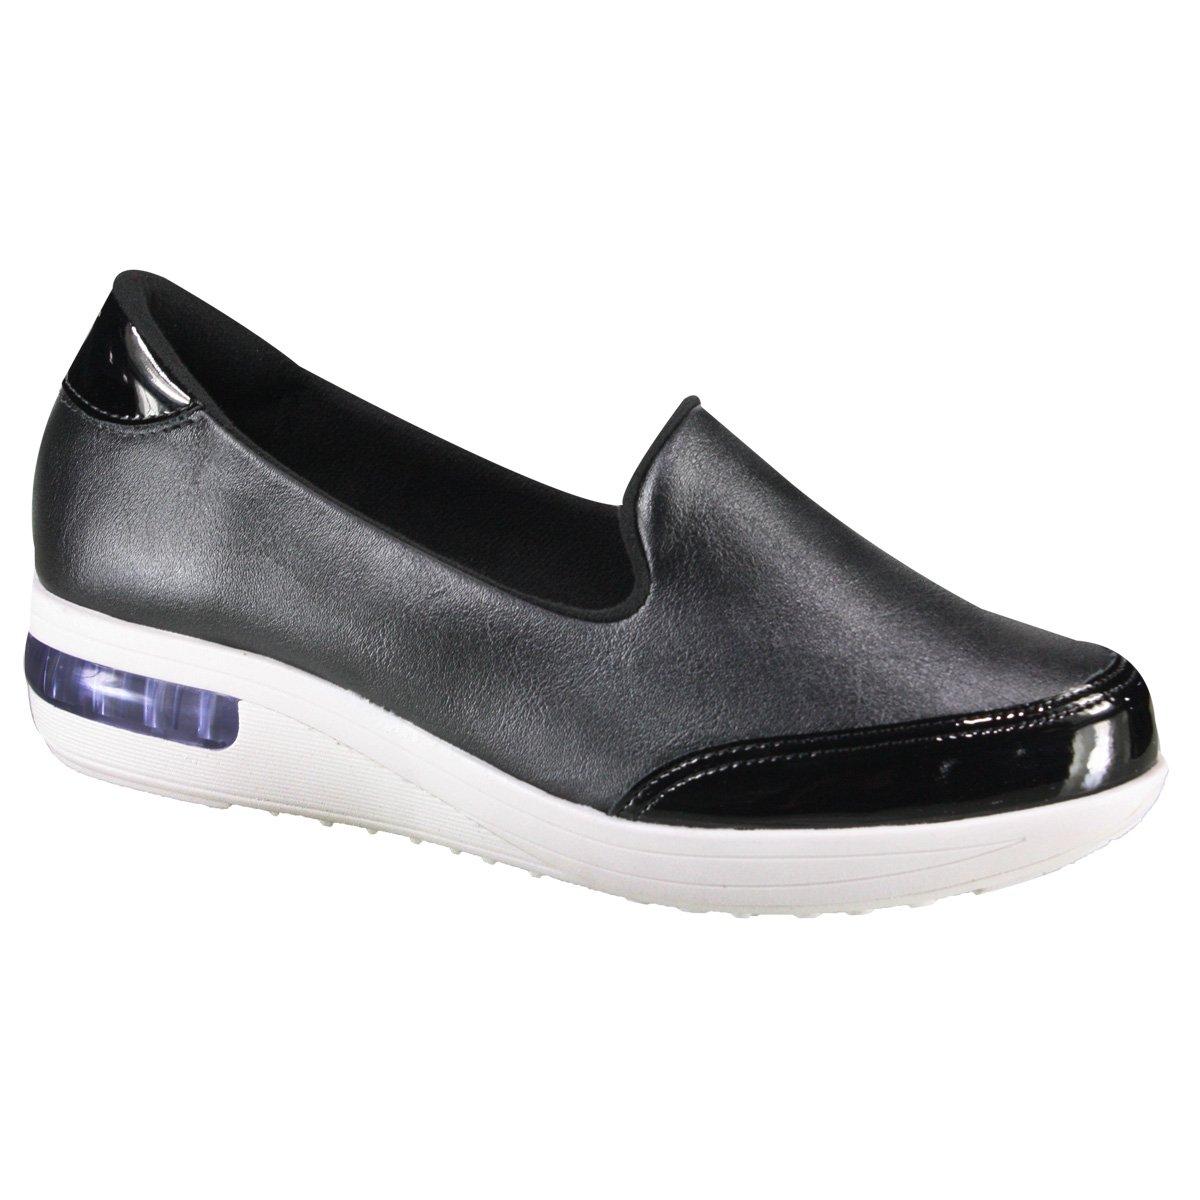 4c6360061 Tênis Modare Ultraconforto 7320.101 16708 15745 - Preto (Napa  Cristalina/Verniz) - Calçados Online Sandálias, Sapatos e Botas Femininas |  Katy.com.br